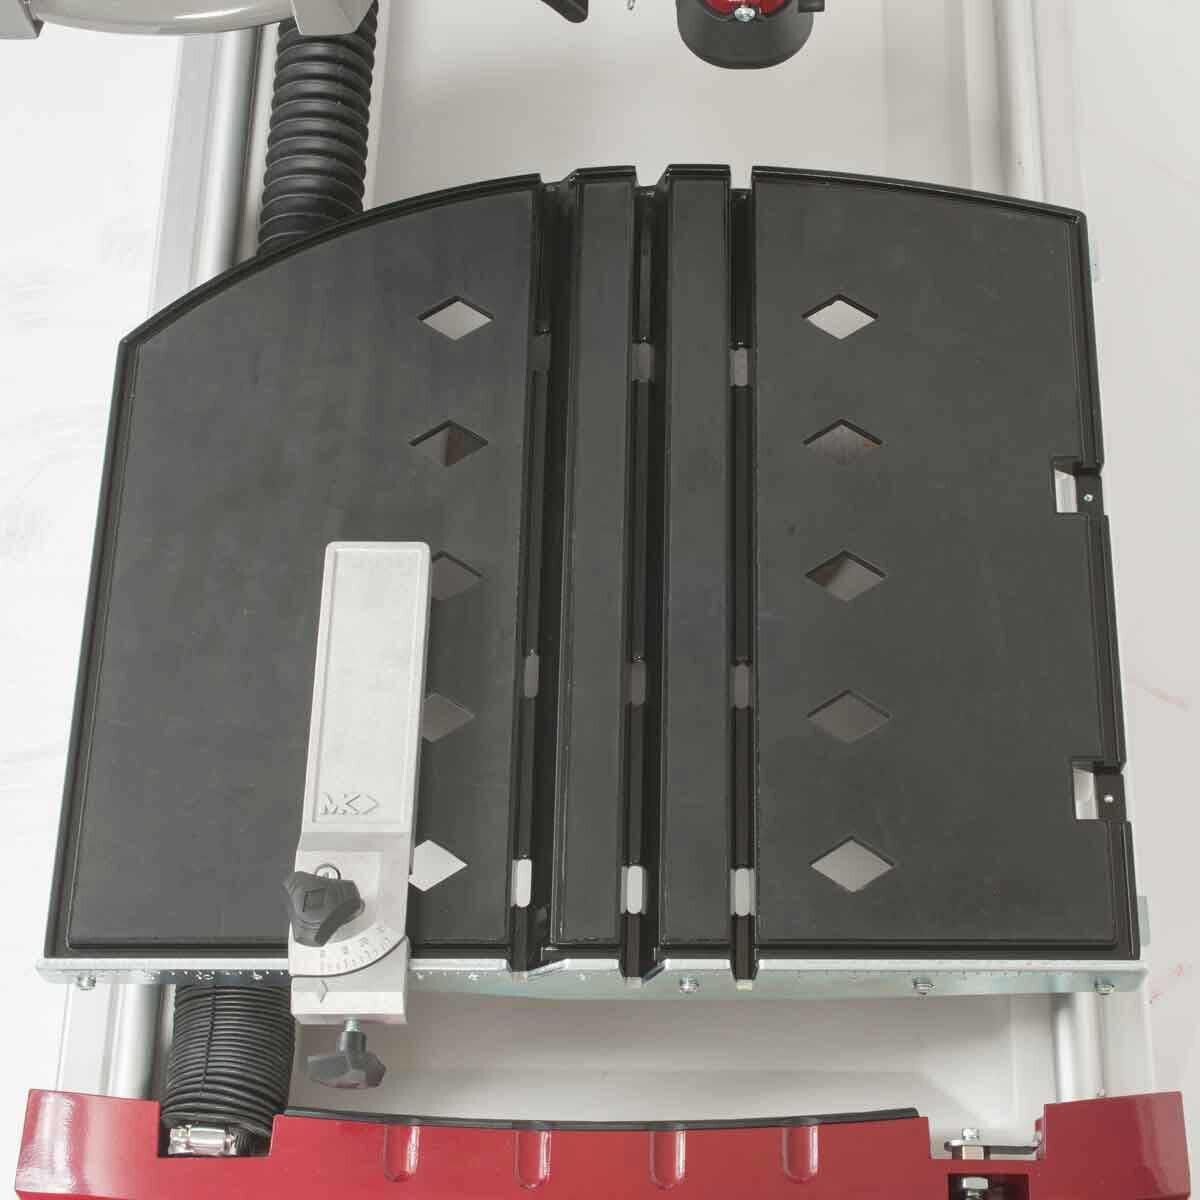 MK Diamond TX-4 Tile Saw Cart